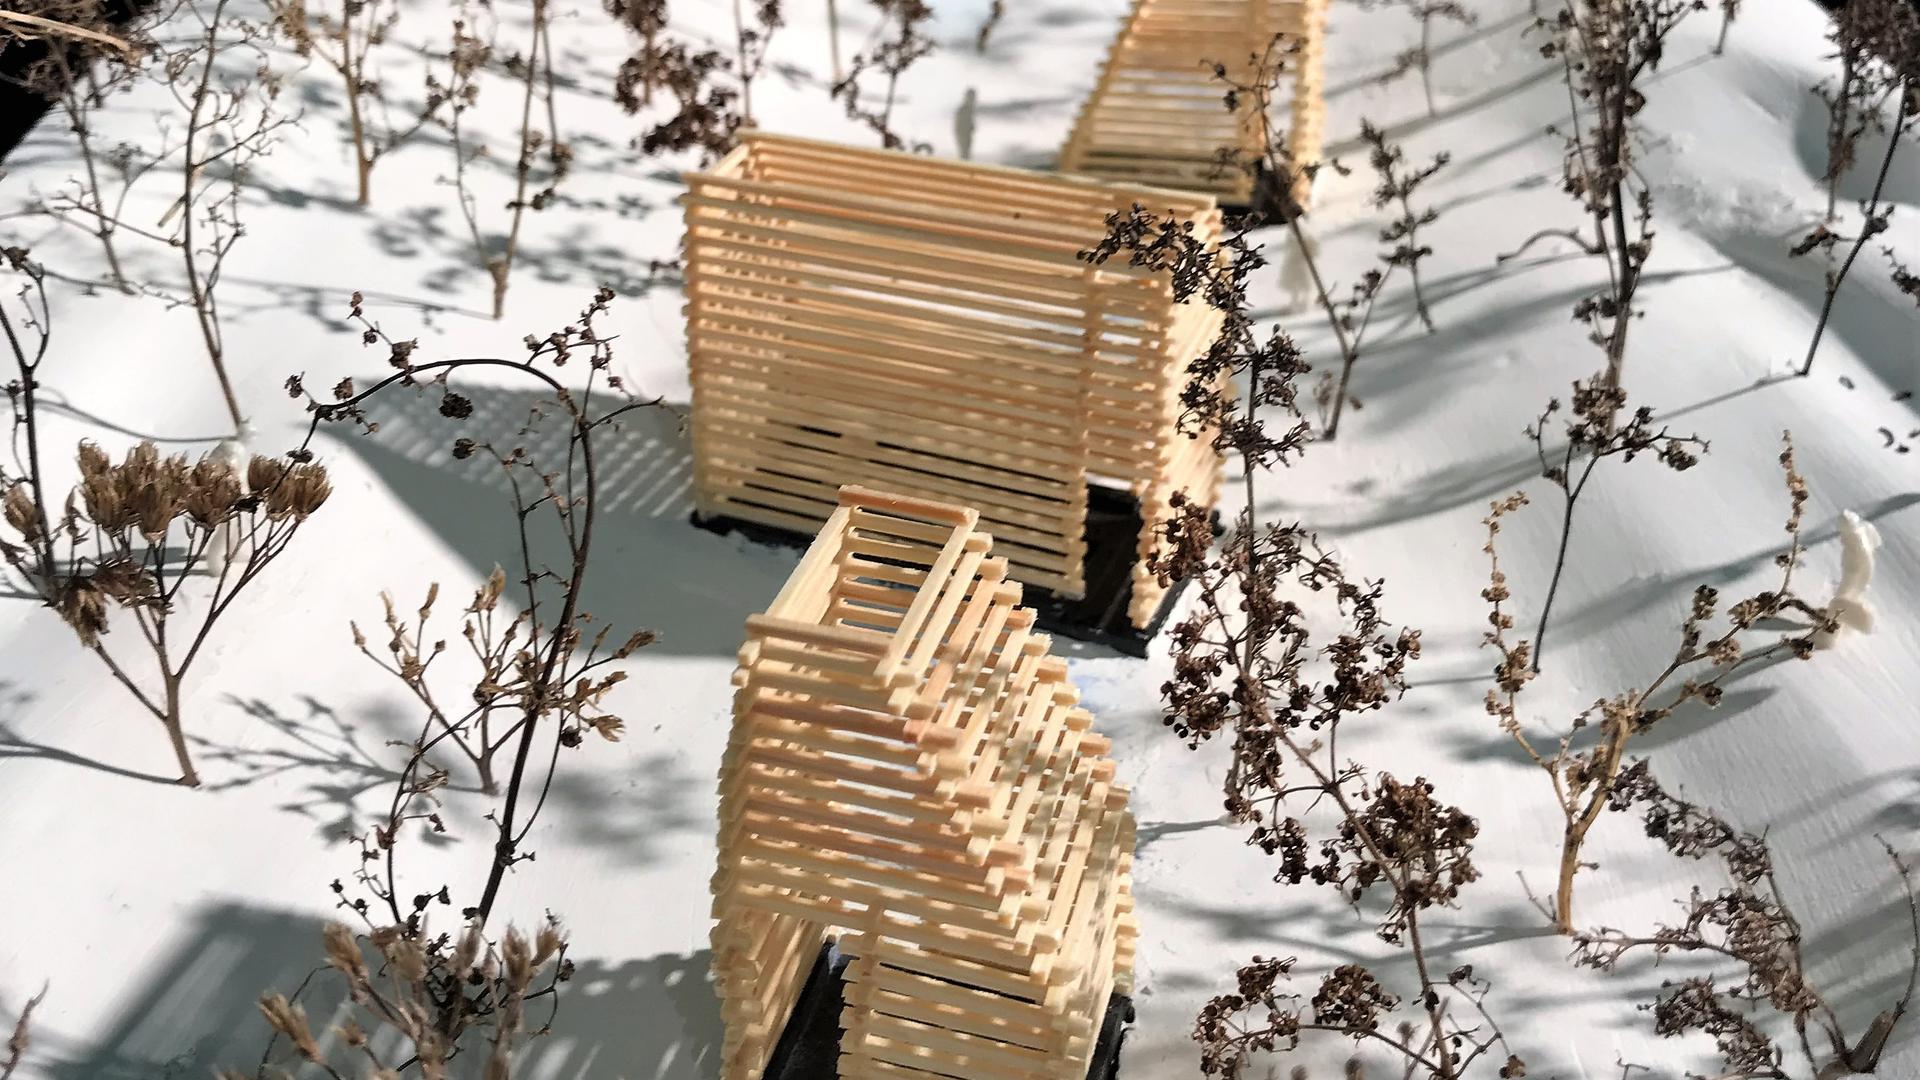 In seiner Masterarbeit hat Johannes Bäuerle die Idee für 16 kleine Stationen für die Schwarzwaldhochstraße entwickelt. Vier hat er exemplarisch ausgearbeitet. Eine ist ein Waldbad beim Plättig.